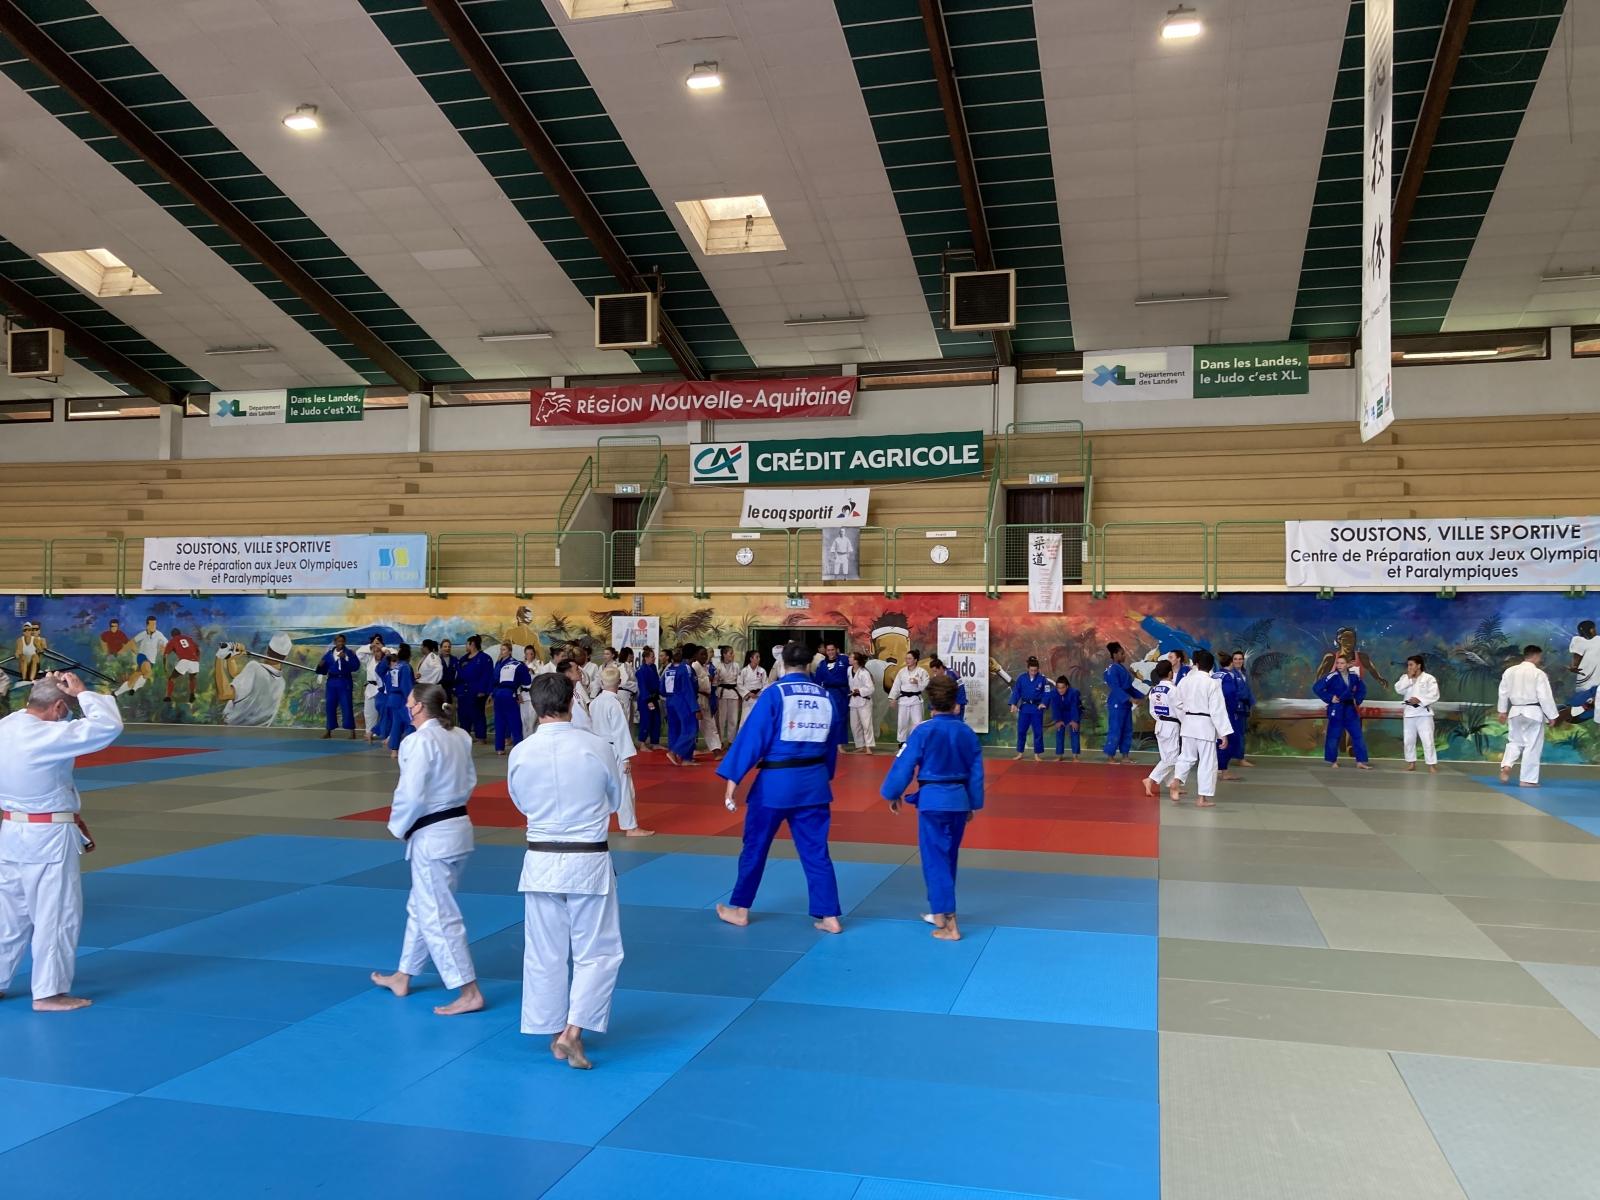 Préparation de l'équipe de France Féminine aux J.O de TOKYO - Soustons